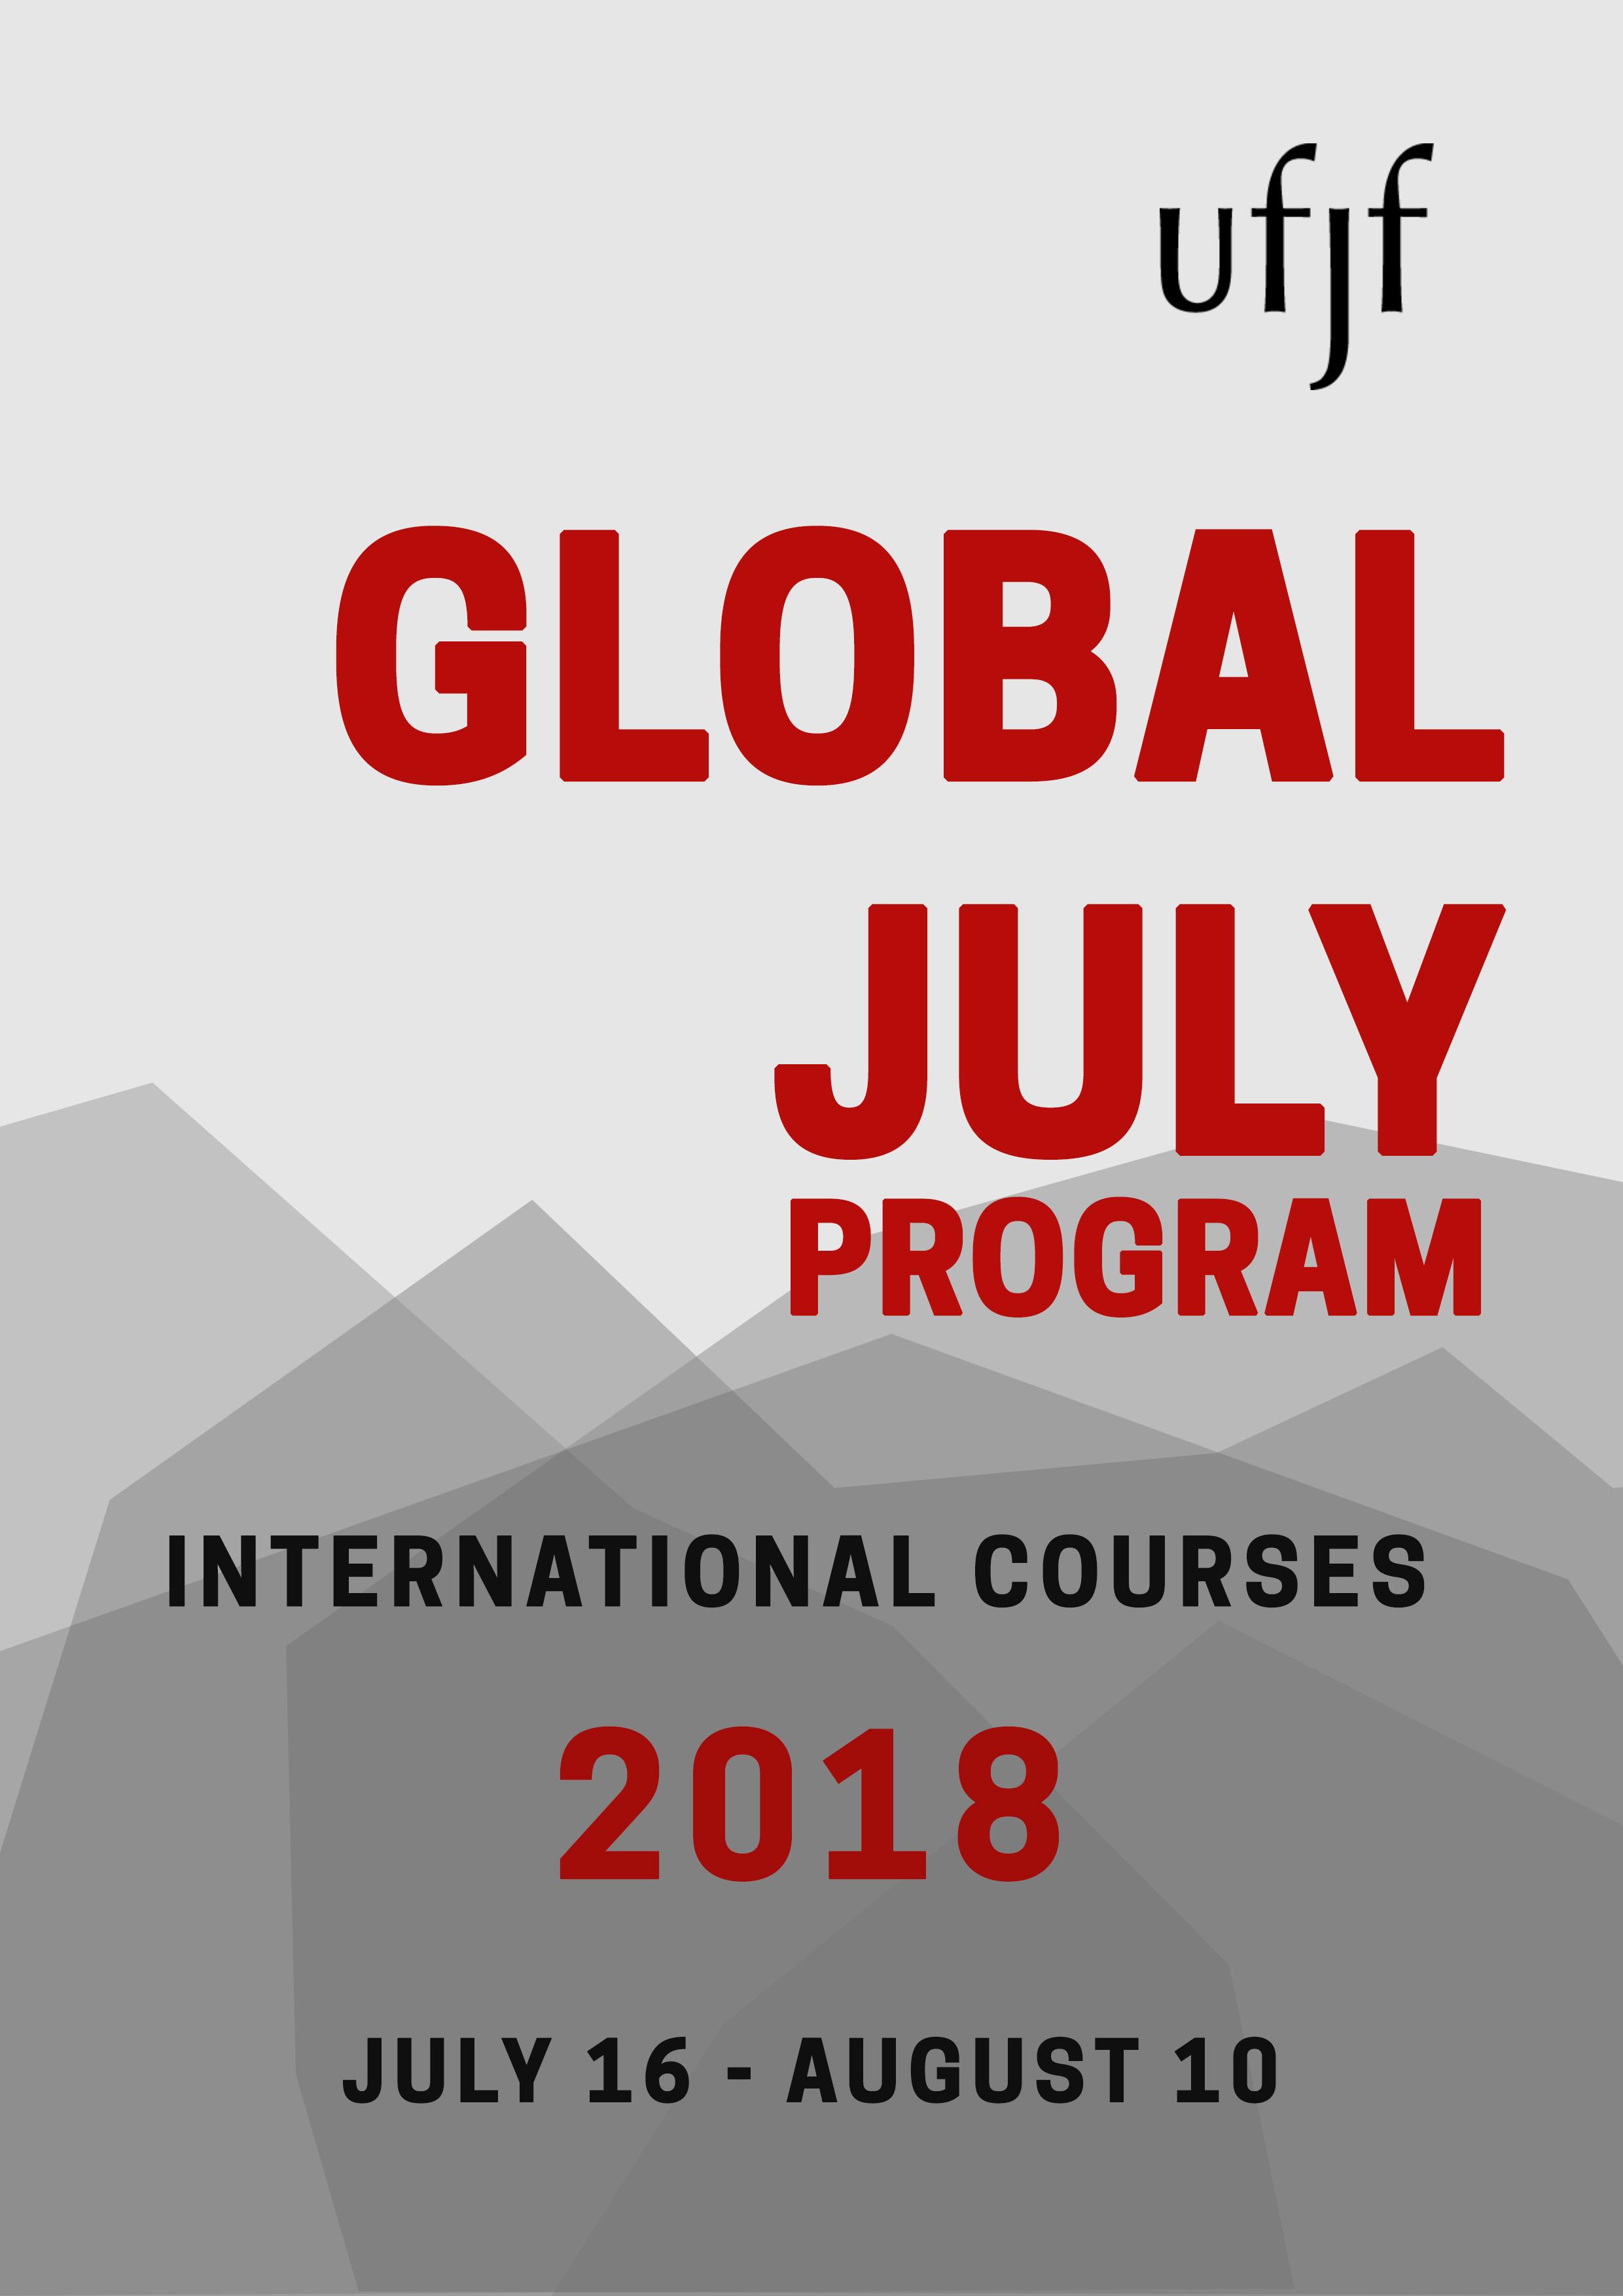 GLOBAL JULY 2018